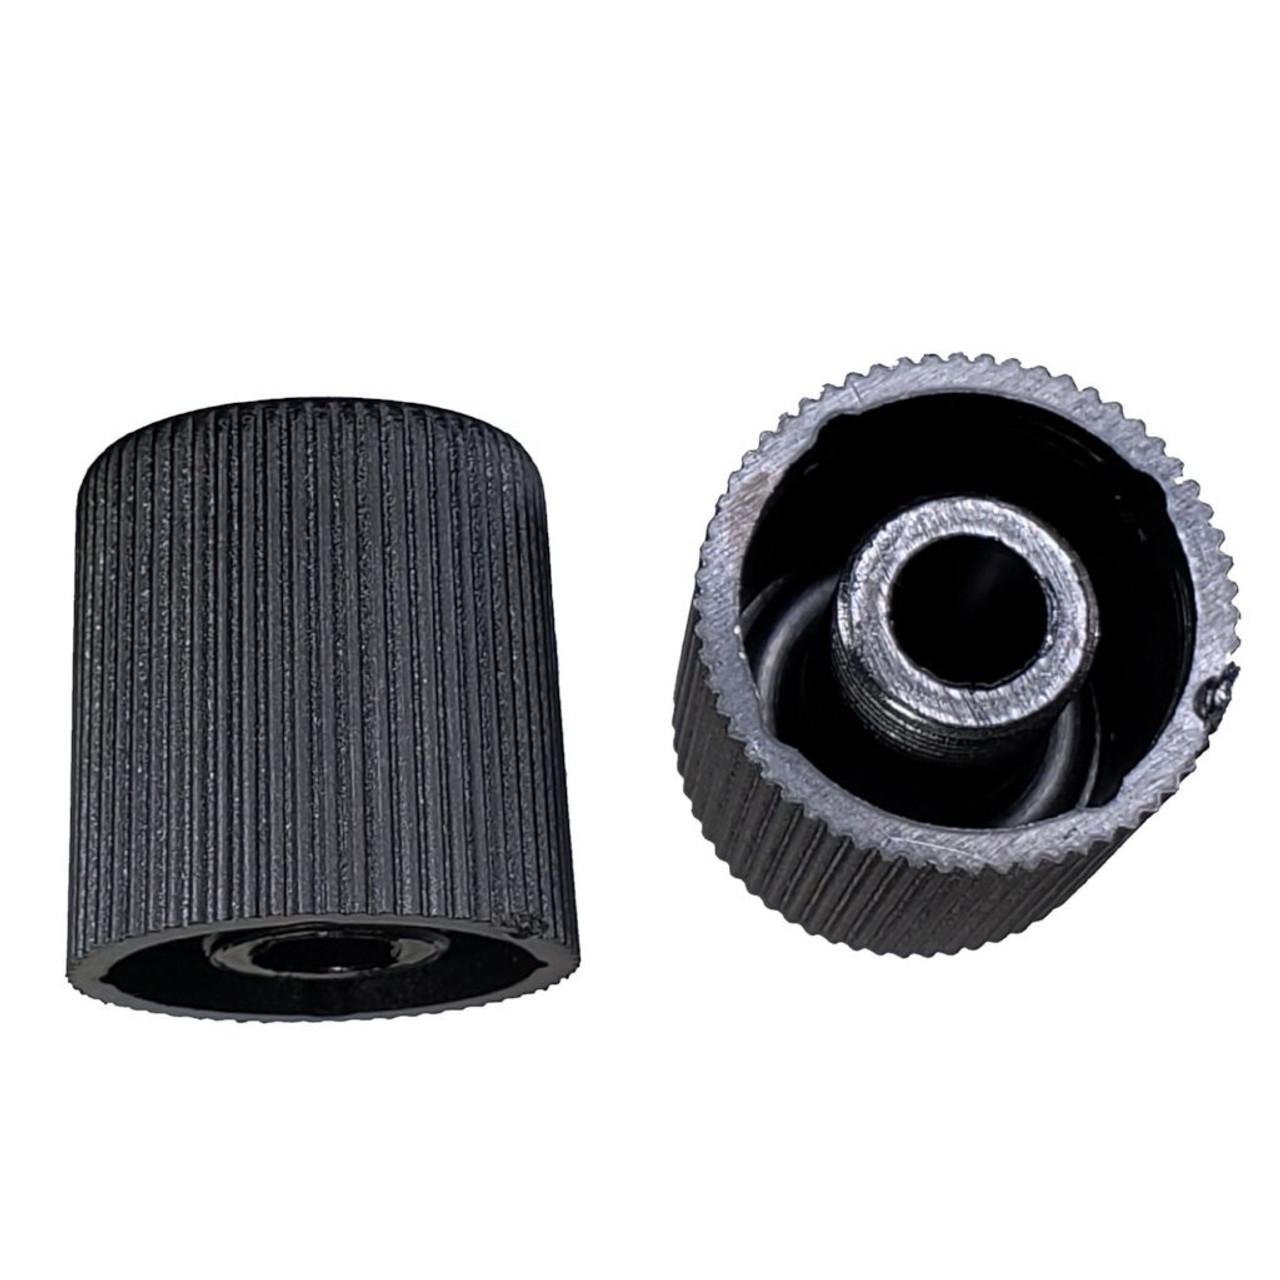 AC Service Port Cap - Black High Side M10x0.75 - Interchanges: MT0068, 59938